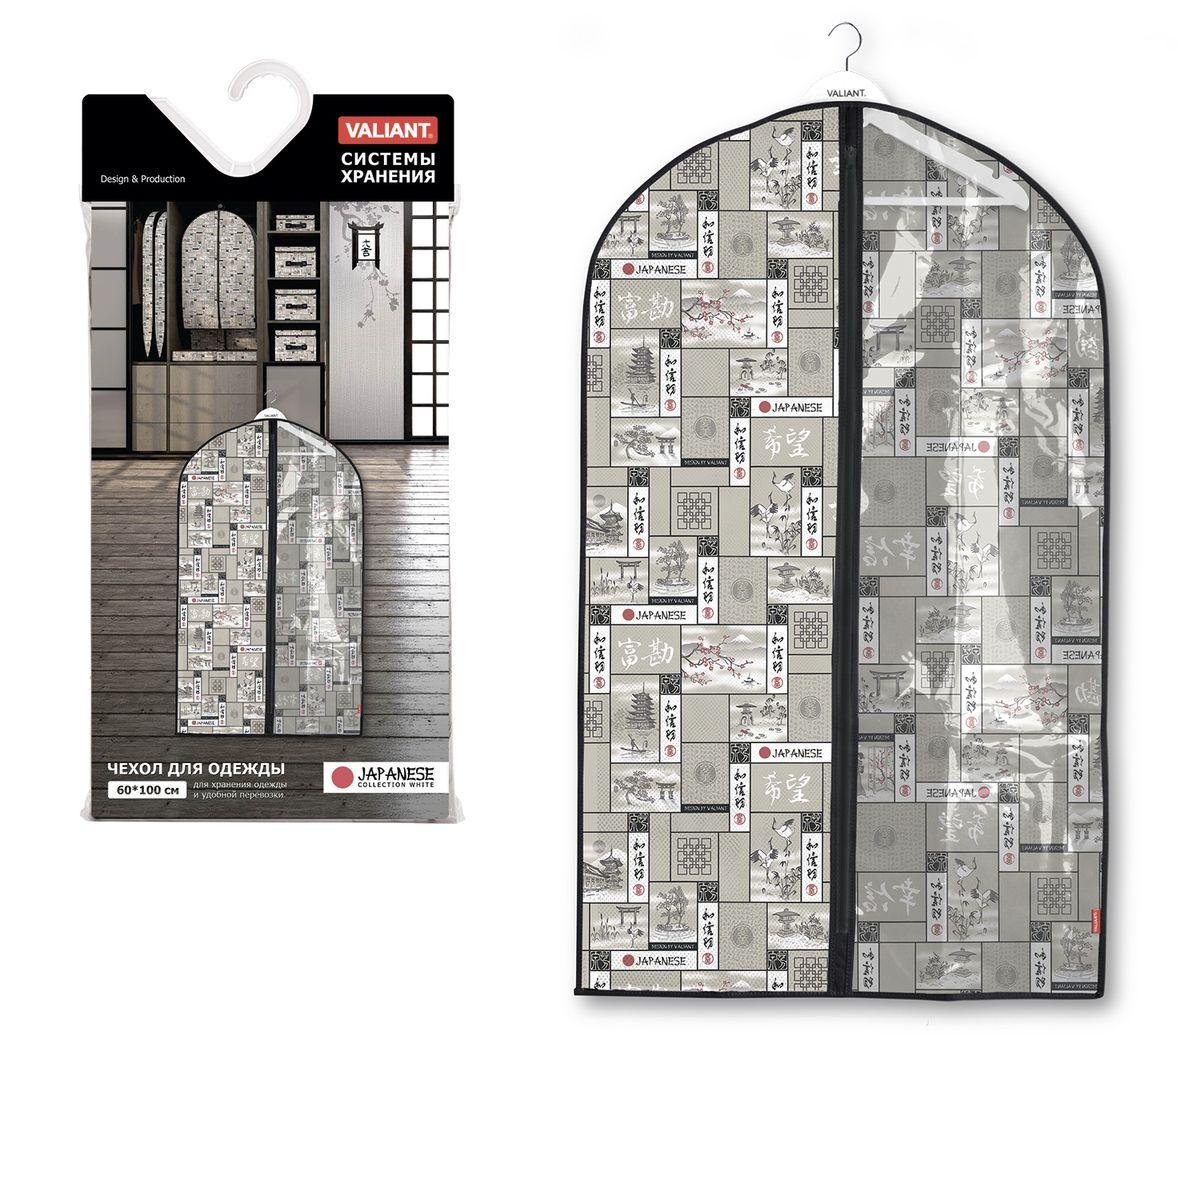 Чехол для одежды Valiant Japanese Black, с прозрачной вставкой, 60 х 100 х 10 смS03301004Чехол для одежды Valiant Japanese Black изготовлен из высококачественного нетканого материала, который обеспечивает естественную вентиляцию, позволяя воздуху проникать внутрь, но не пропускает пыль. Чехол очень удобен в использовании. Специальная прозрачная вставка позволяет видеть содержимое внутри чехла, не открывая его. Чехол легко открывается и закрывается застежкой-молнией. Идеально подойдет для хранения одежды и удобной перевозки.